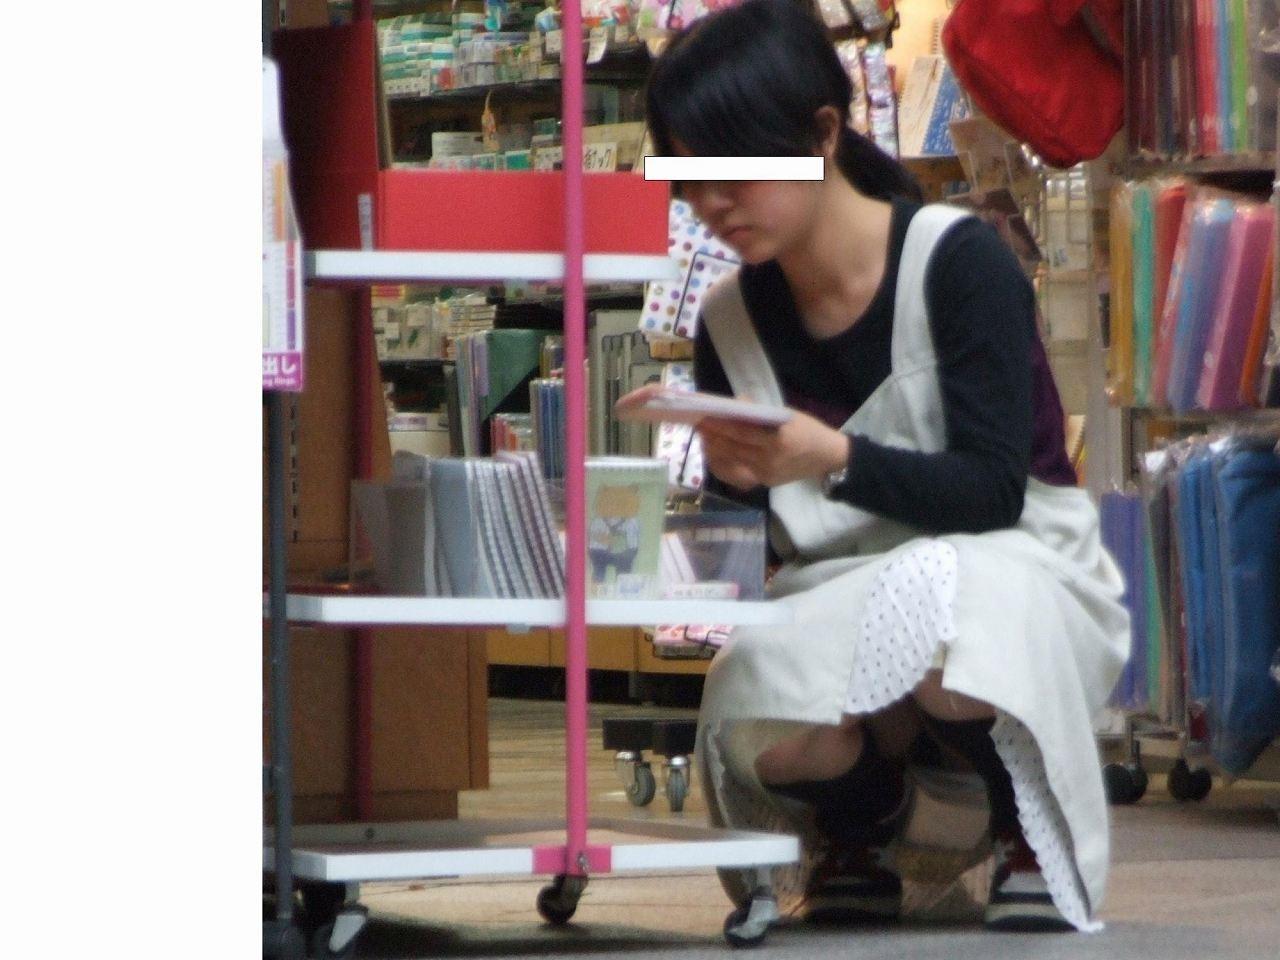 【パンチラ画像】陳列棚の向こう側から女の股間をじっくり隠撮www 06